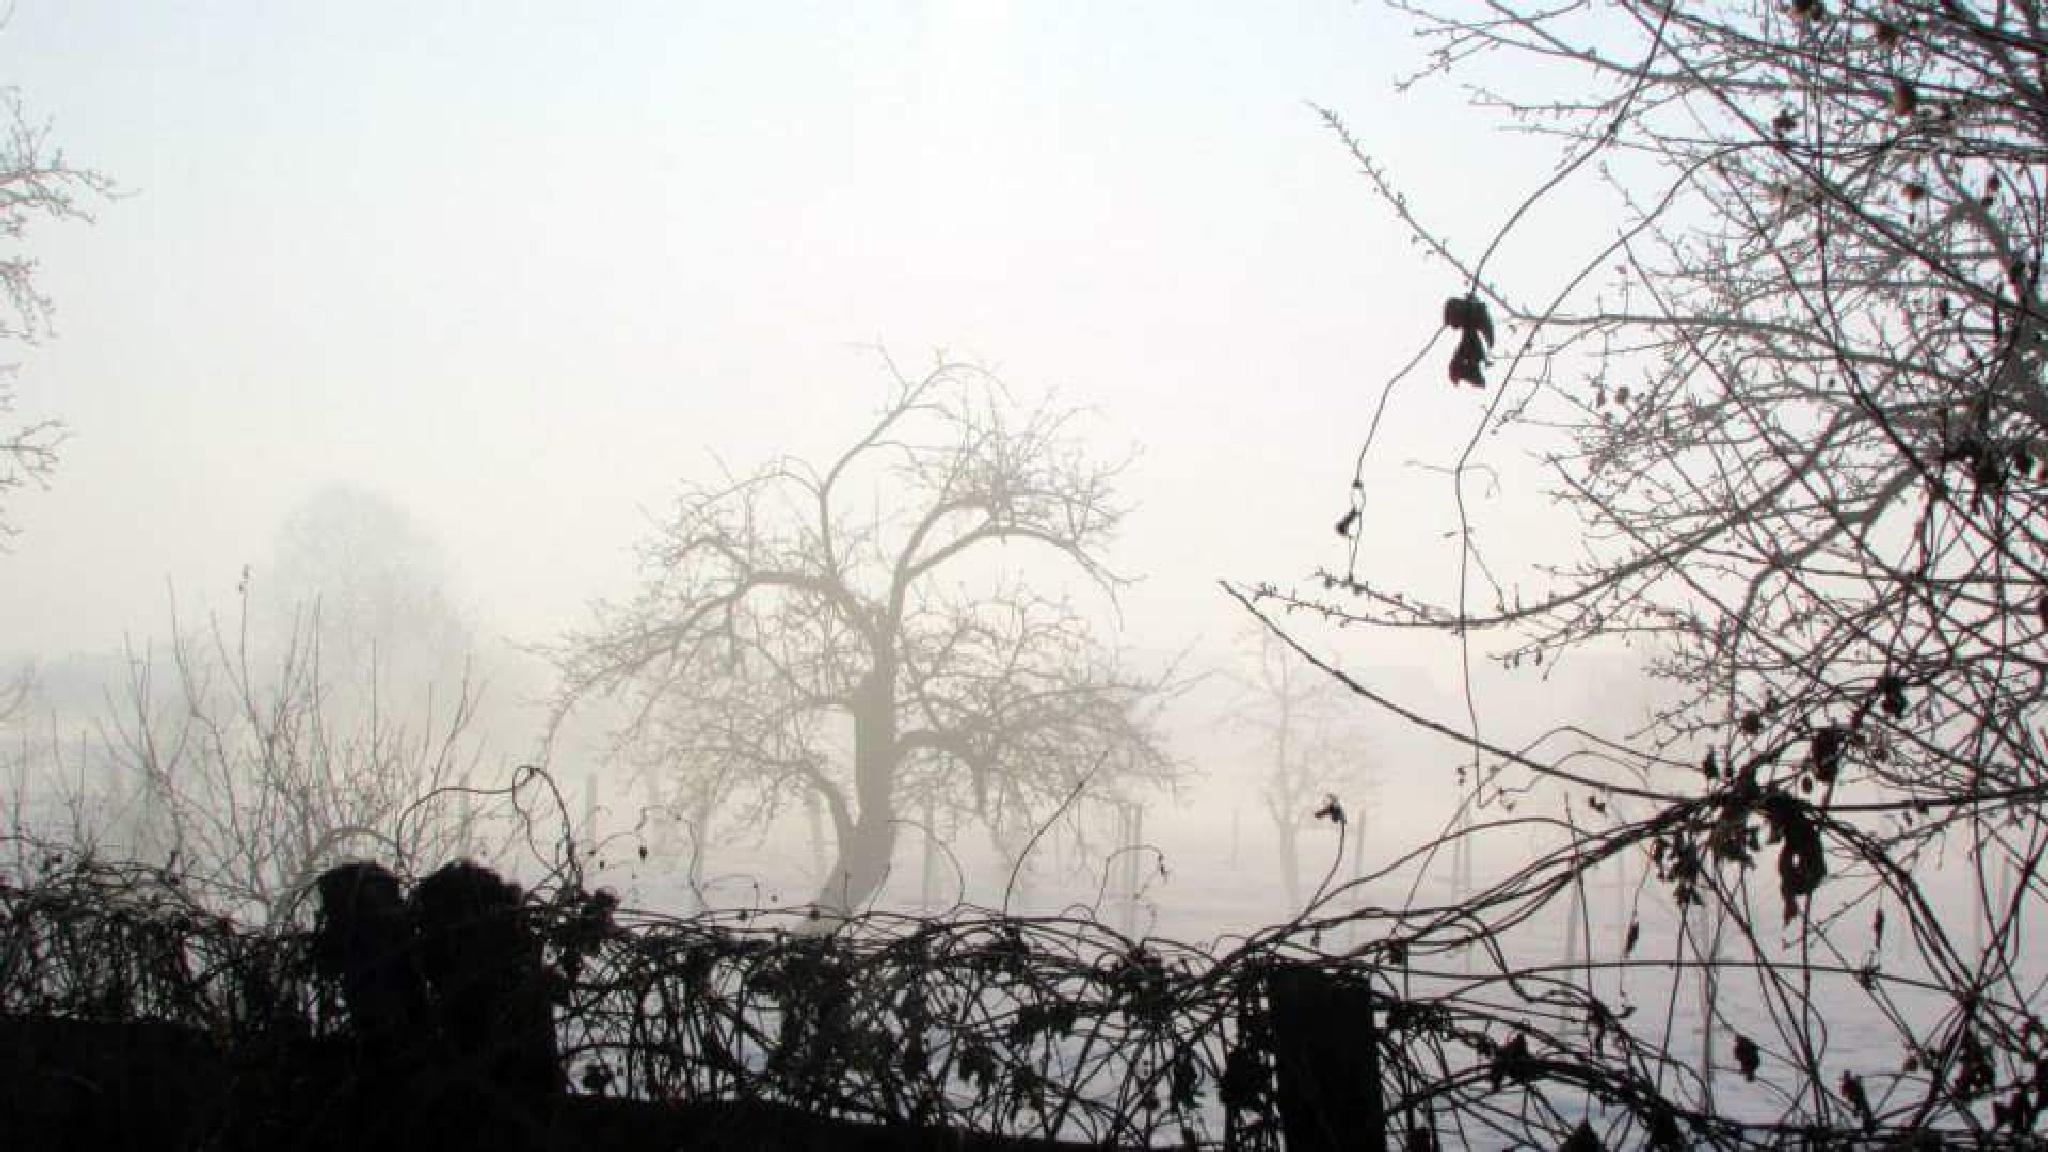 misty morning  by dundacska